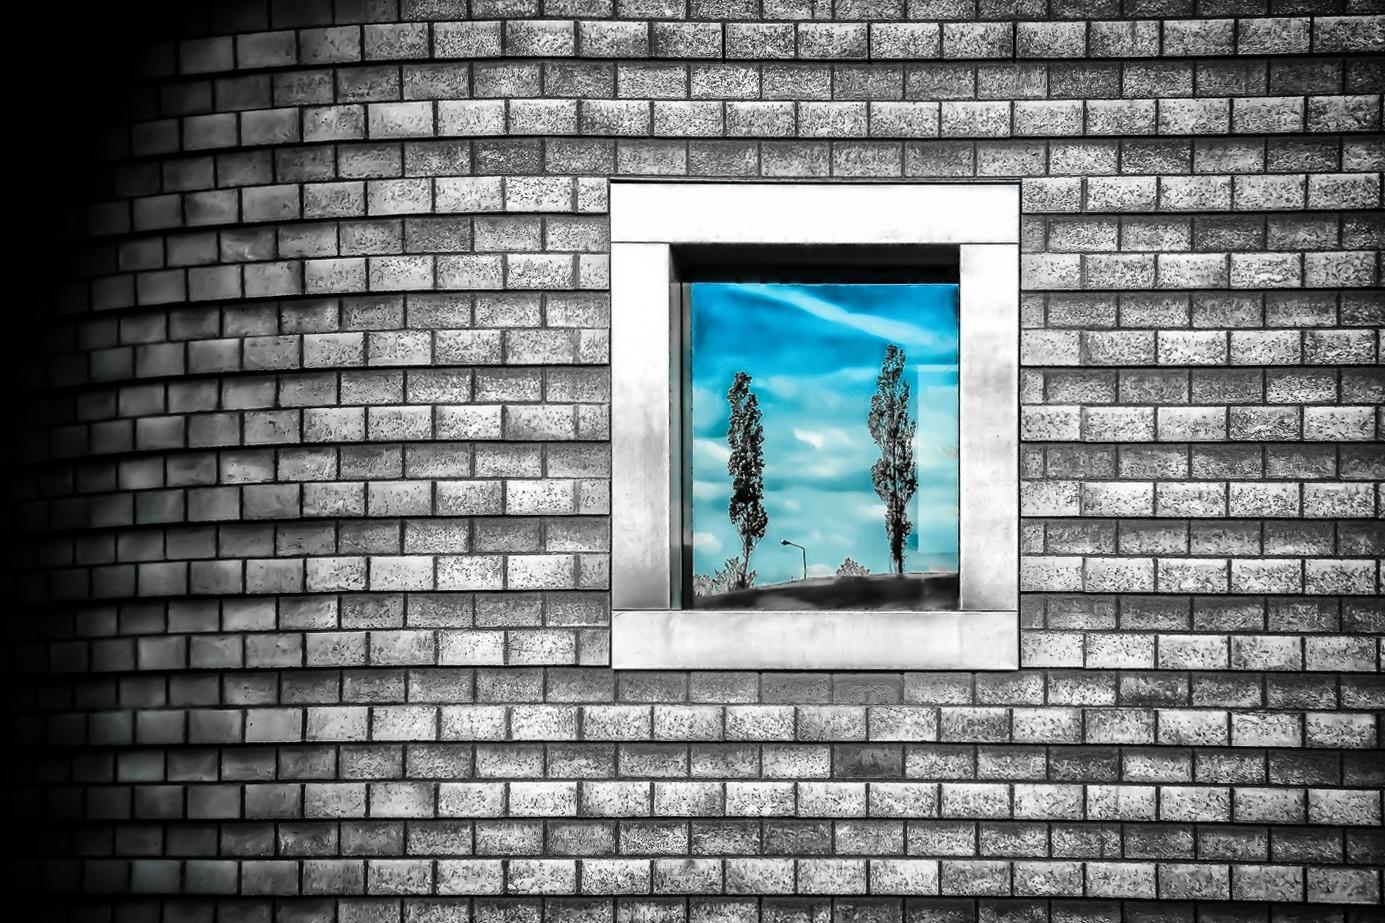 Lichtblick-im-spiegelnden-Fenster-einer-tristen-Wand